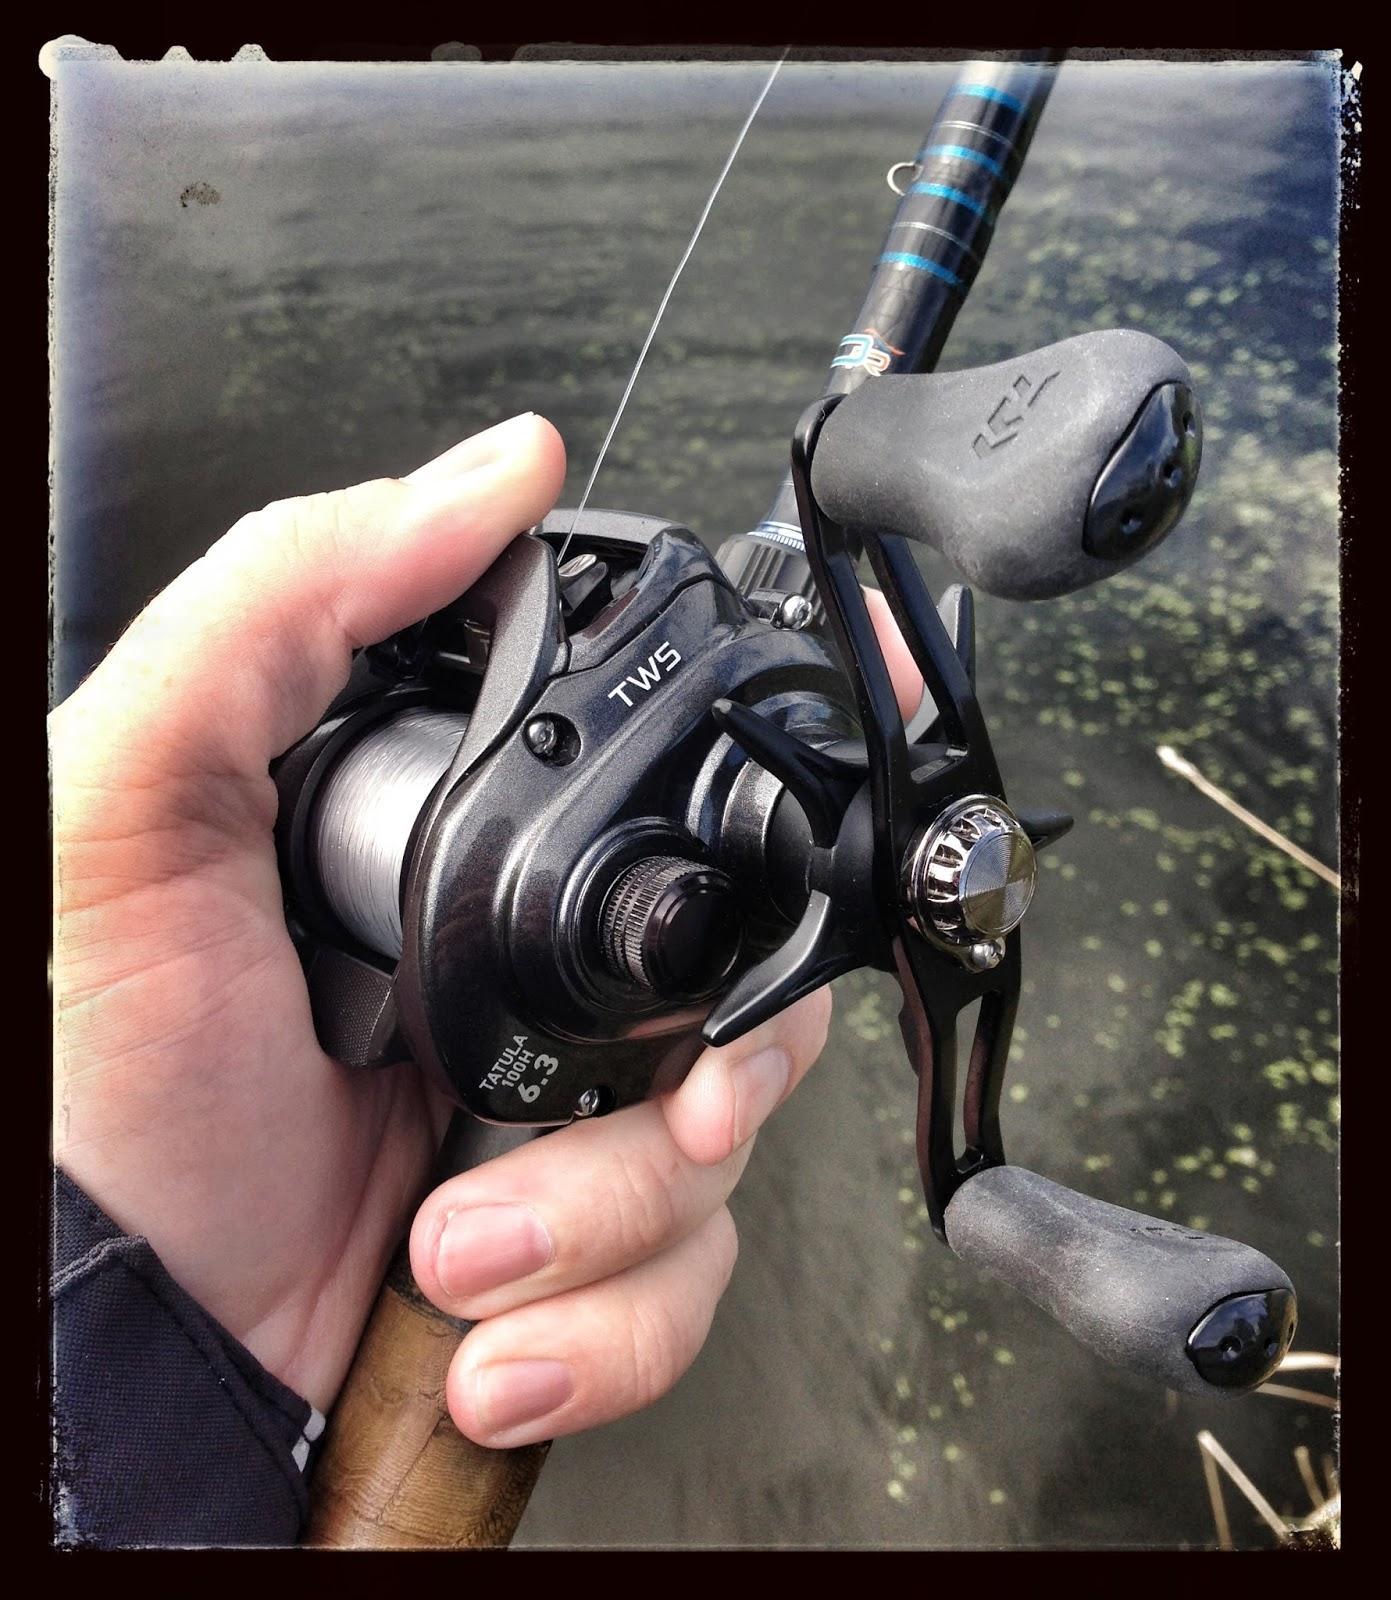 Bass junkies fishing addiction test drive daiwa tatula for Casting fishing reels